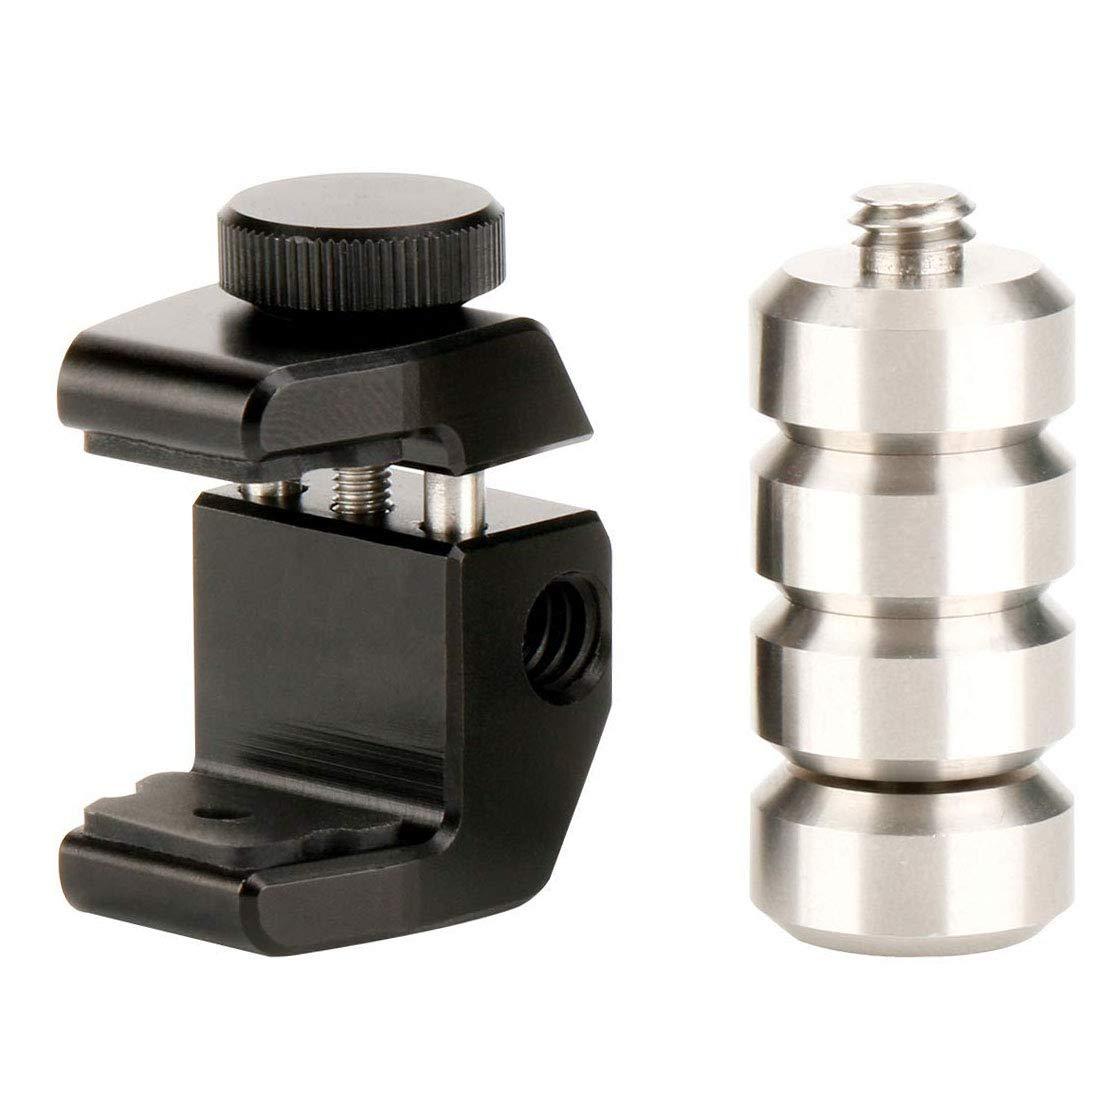 Zhiyou Cavo da 3, 5mm Trs a Trrs Cavo per adattatore per smartphone per RODE VideoMicro VideoMic Go ZY-1168